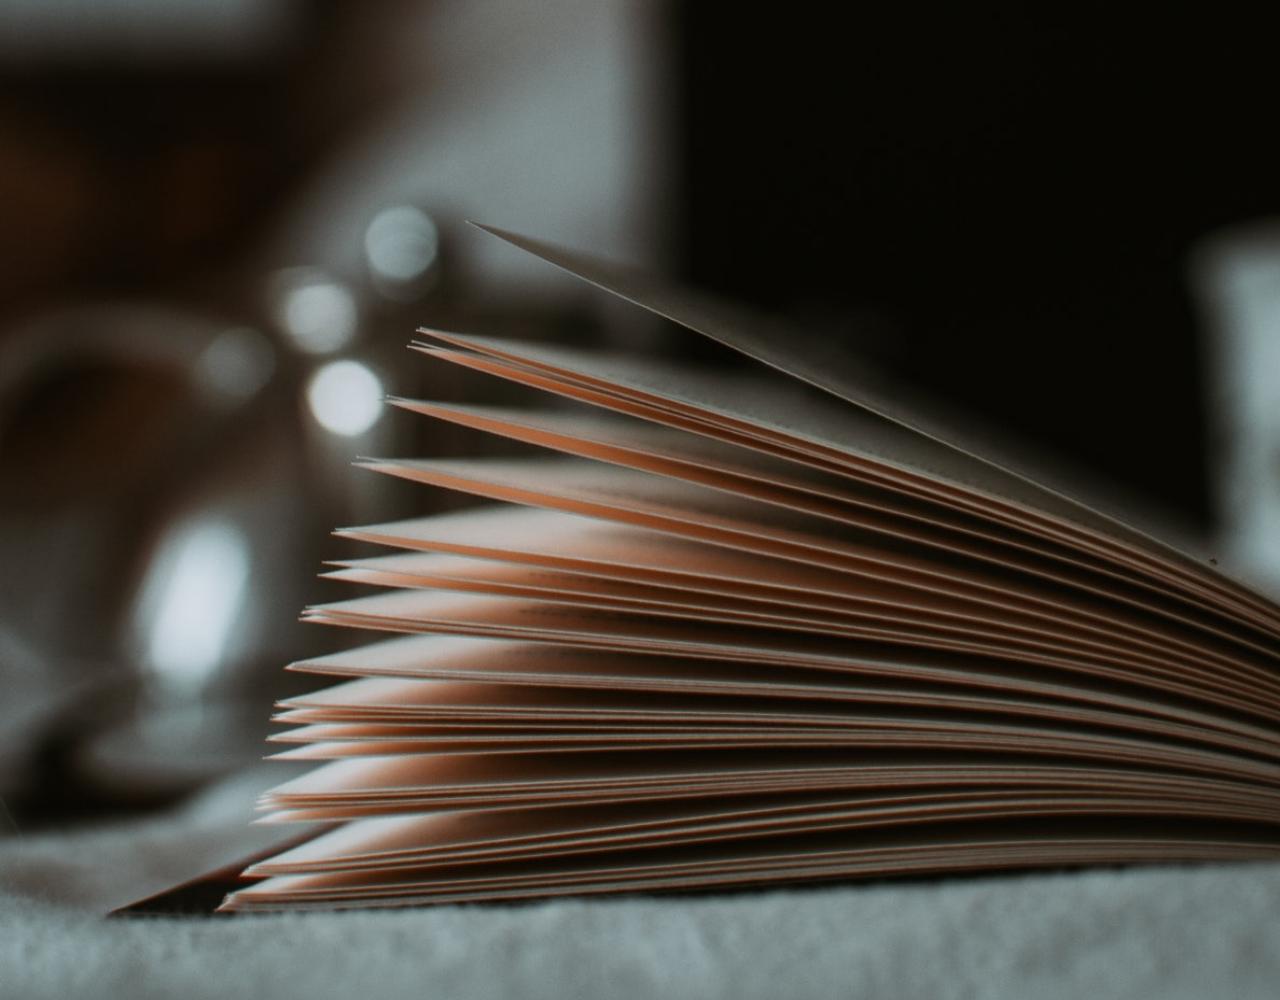 Przewodnik ponowym systemie szkolnictwa wyższego – Ustawa 2.0